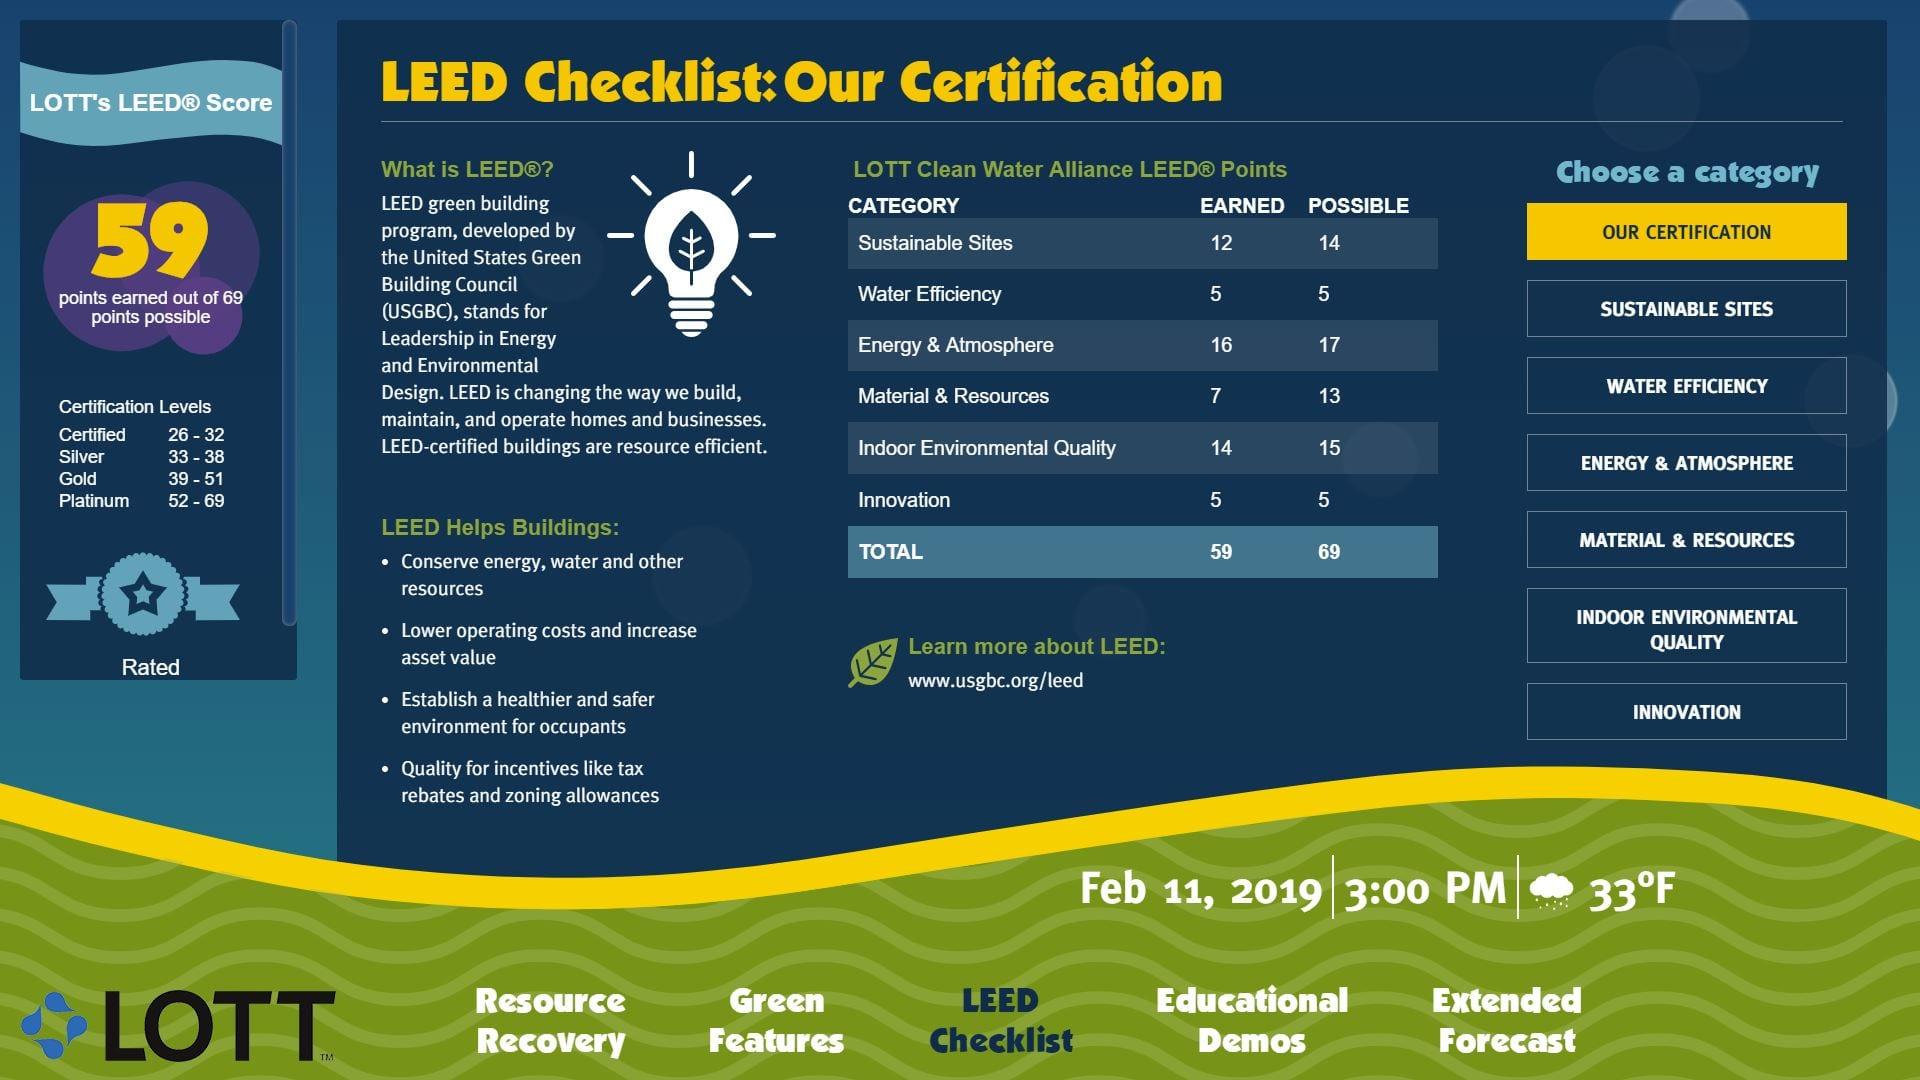 EEED for K-12 Schools Green Features